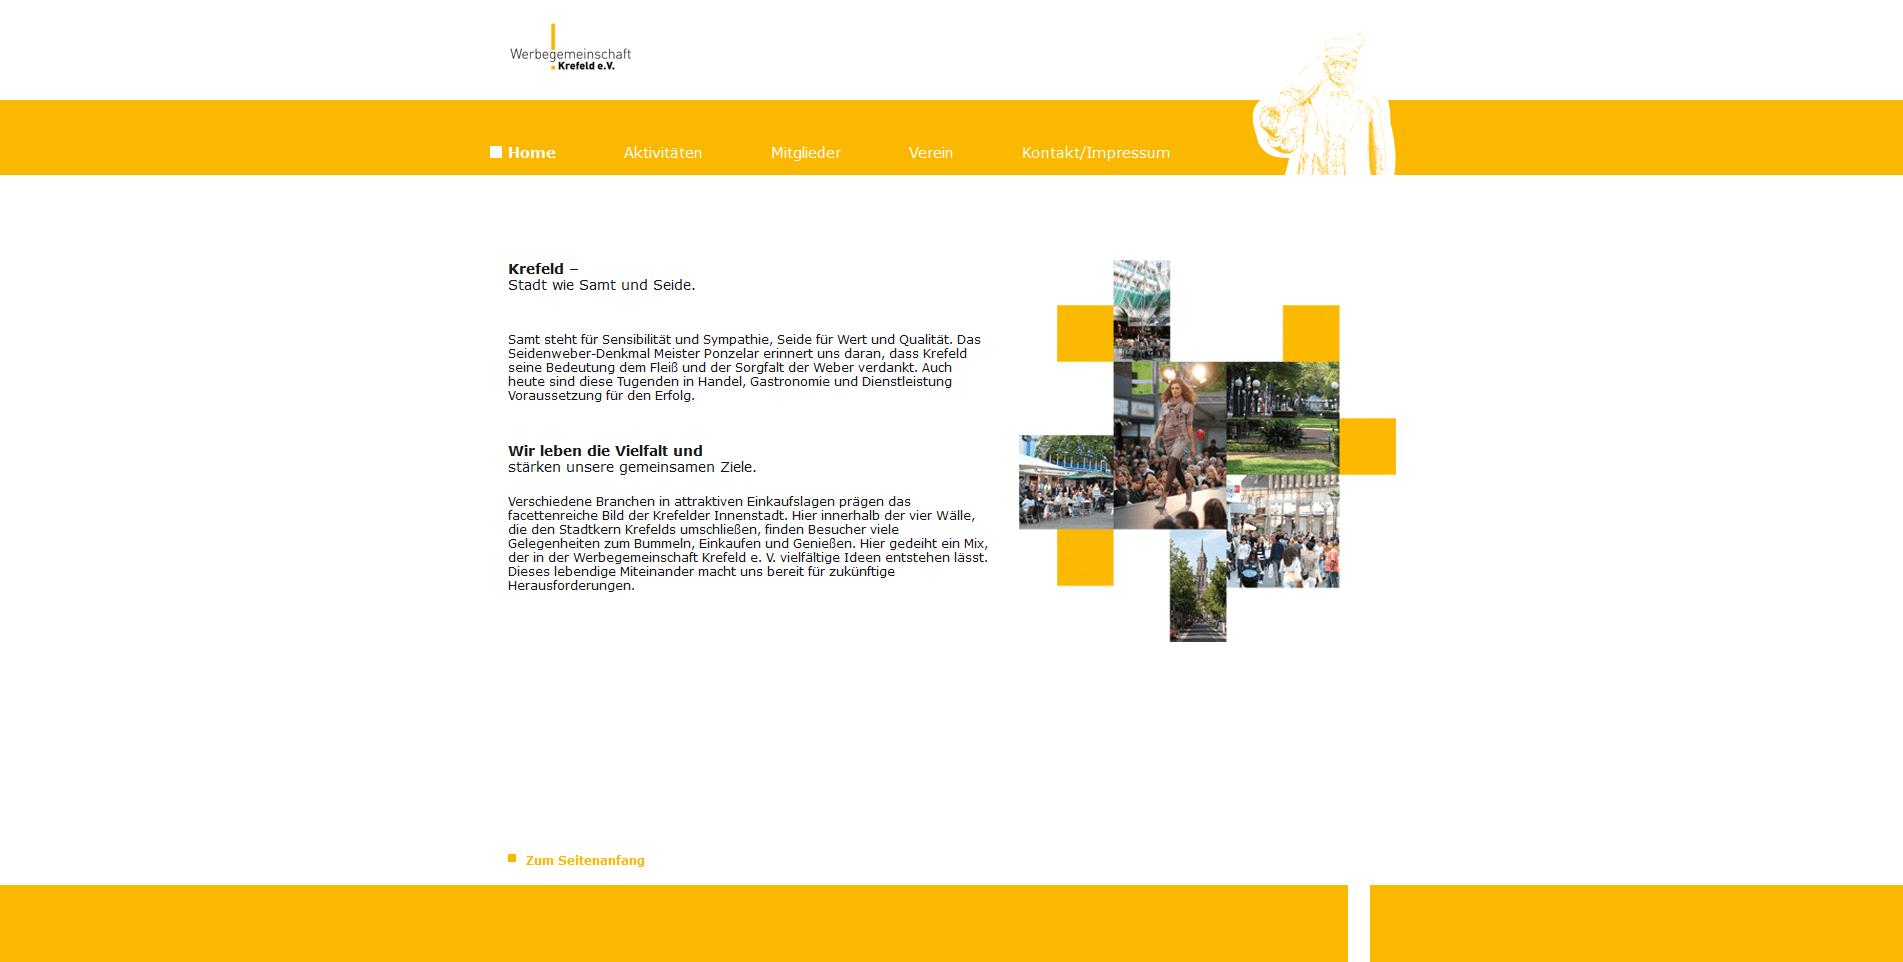 238-werbegemeinschaft_krefeld_1